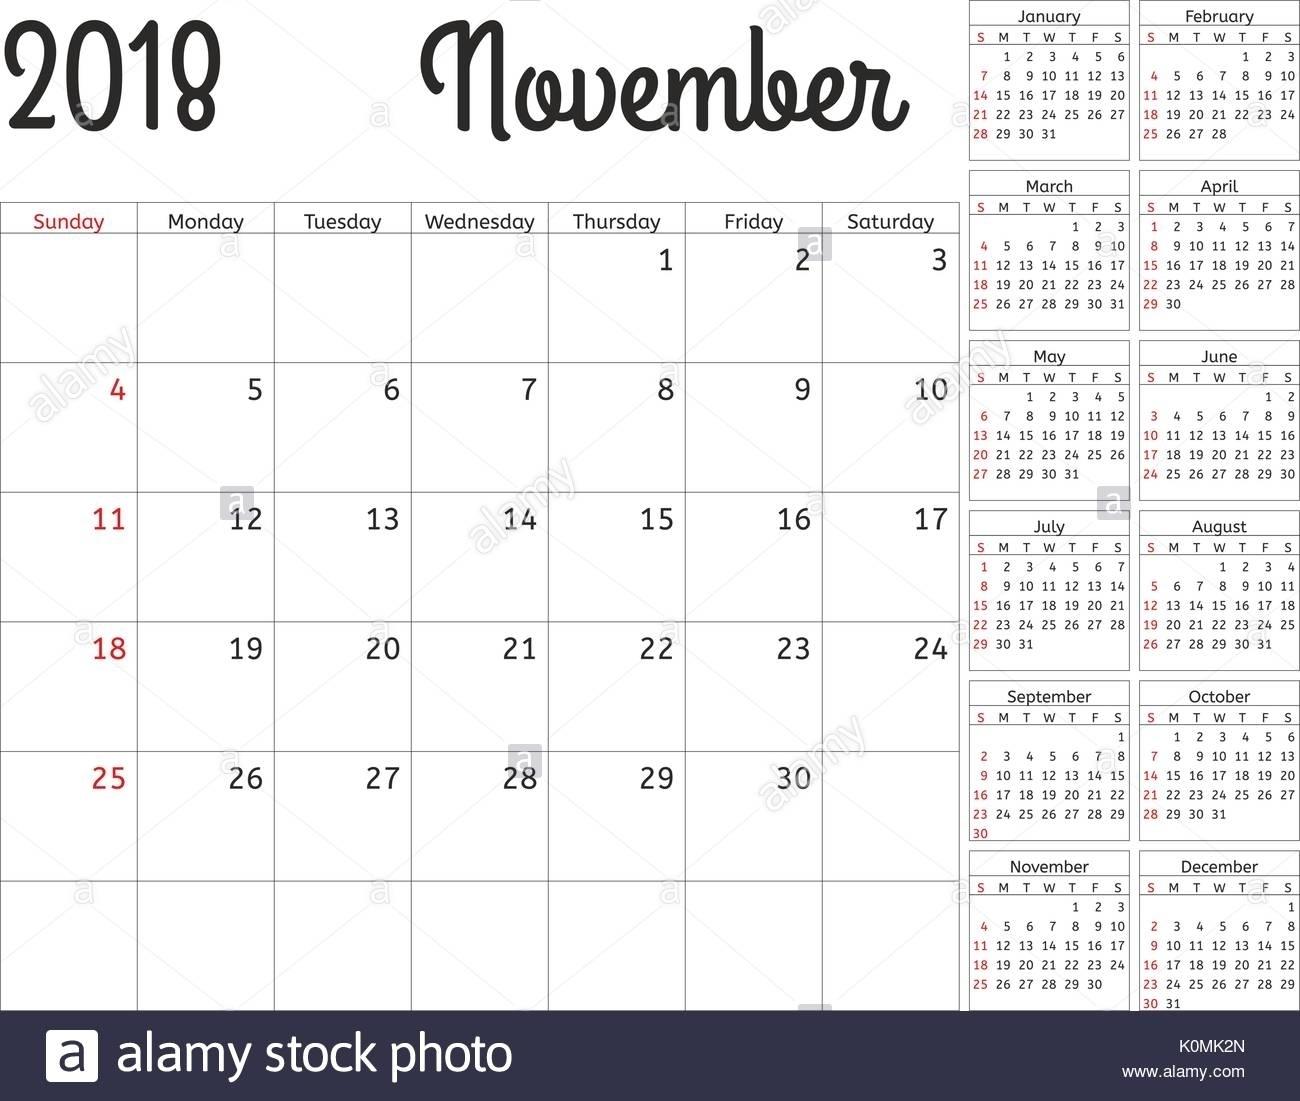 Medroxyprogesterone Perpetual Calendar 12-14 Weeks